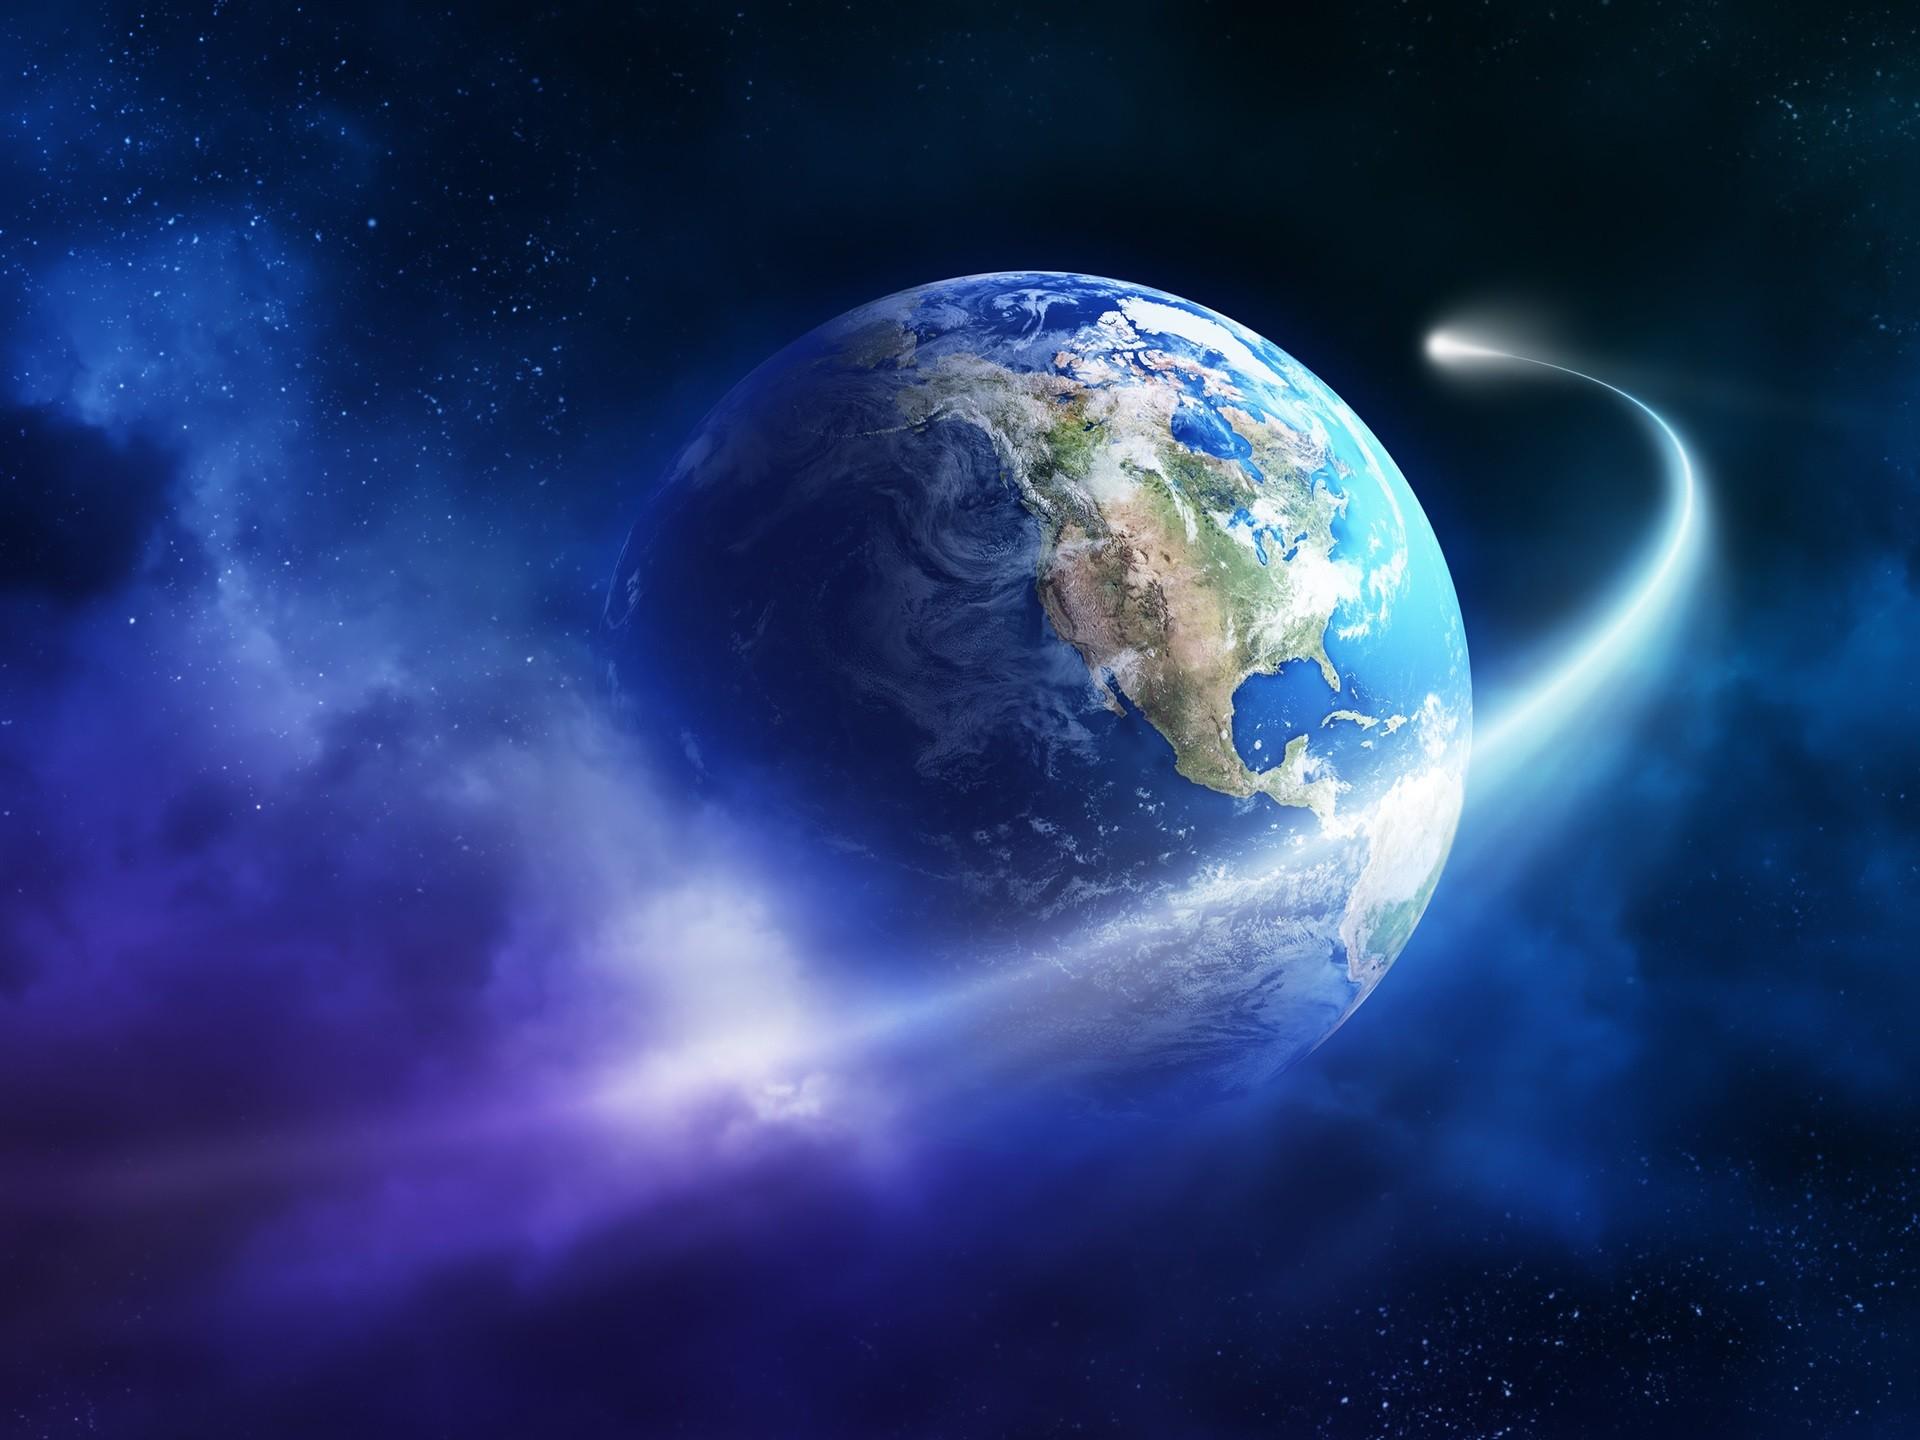 Втекущем году КНР отправит вкосмос до 8-ми спутников «Бэйдоу-3»